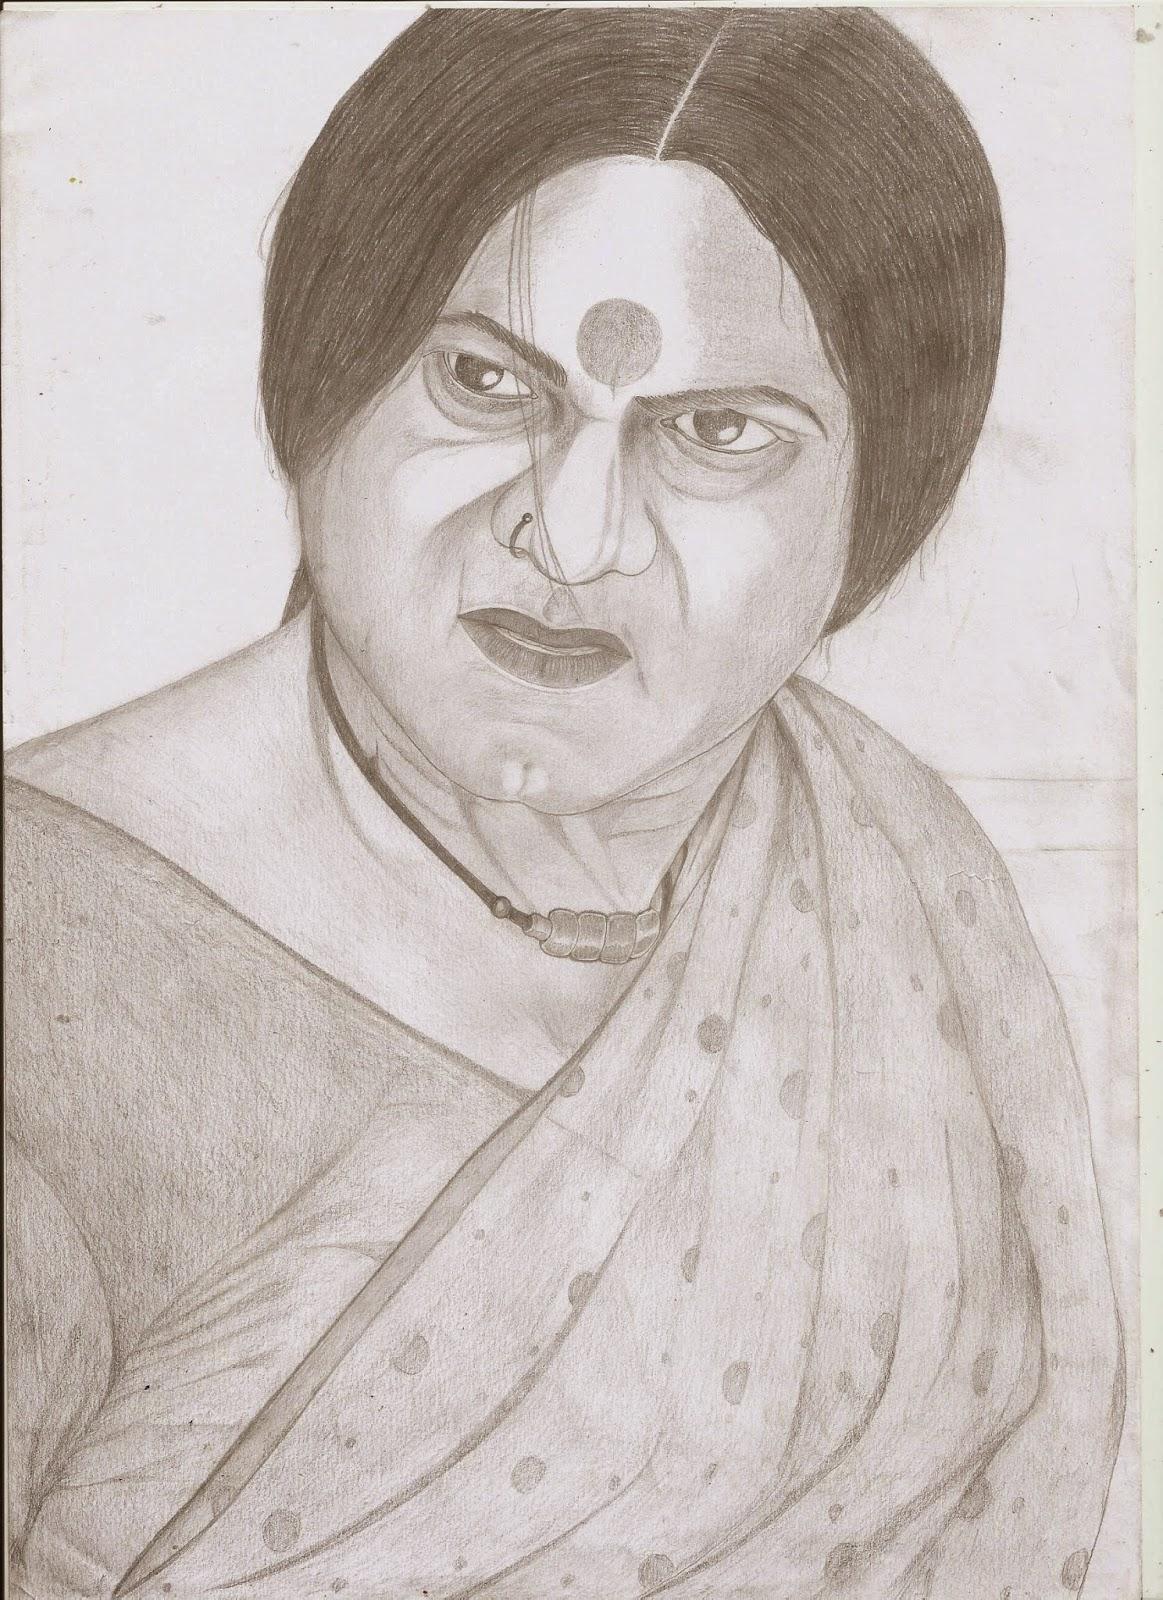 R sarathkumar pencil sketch